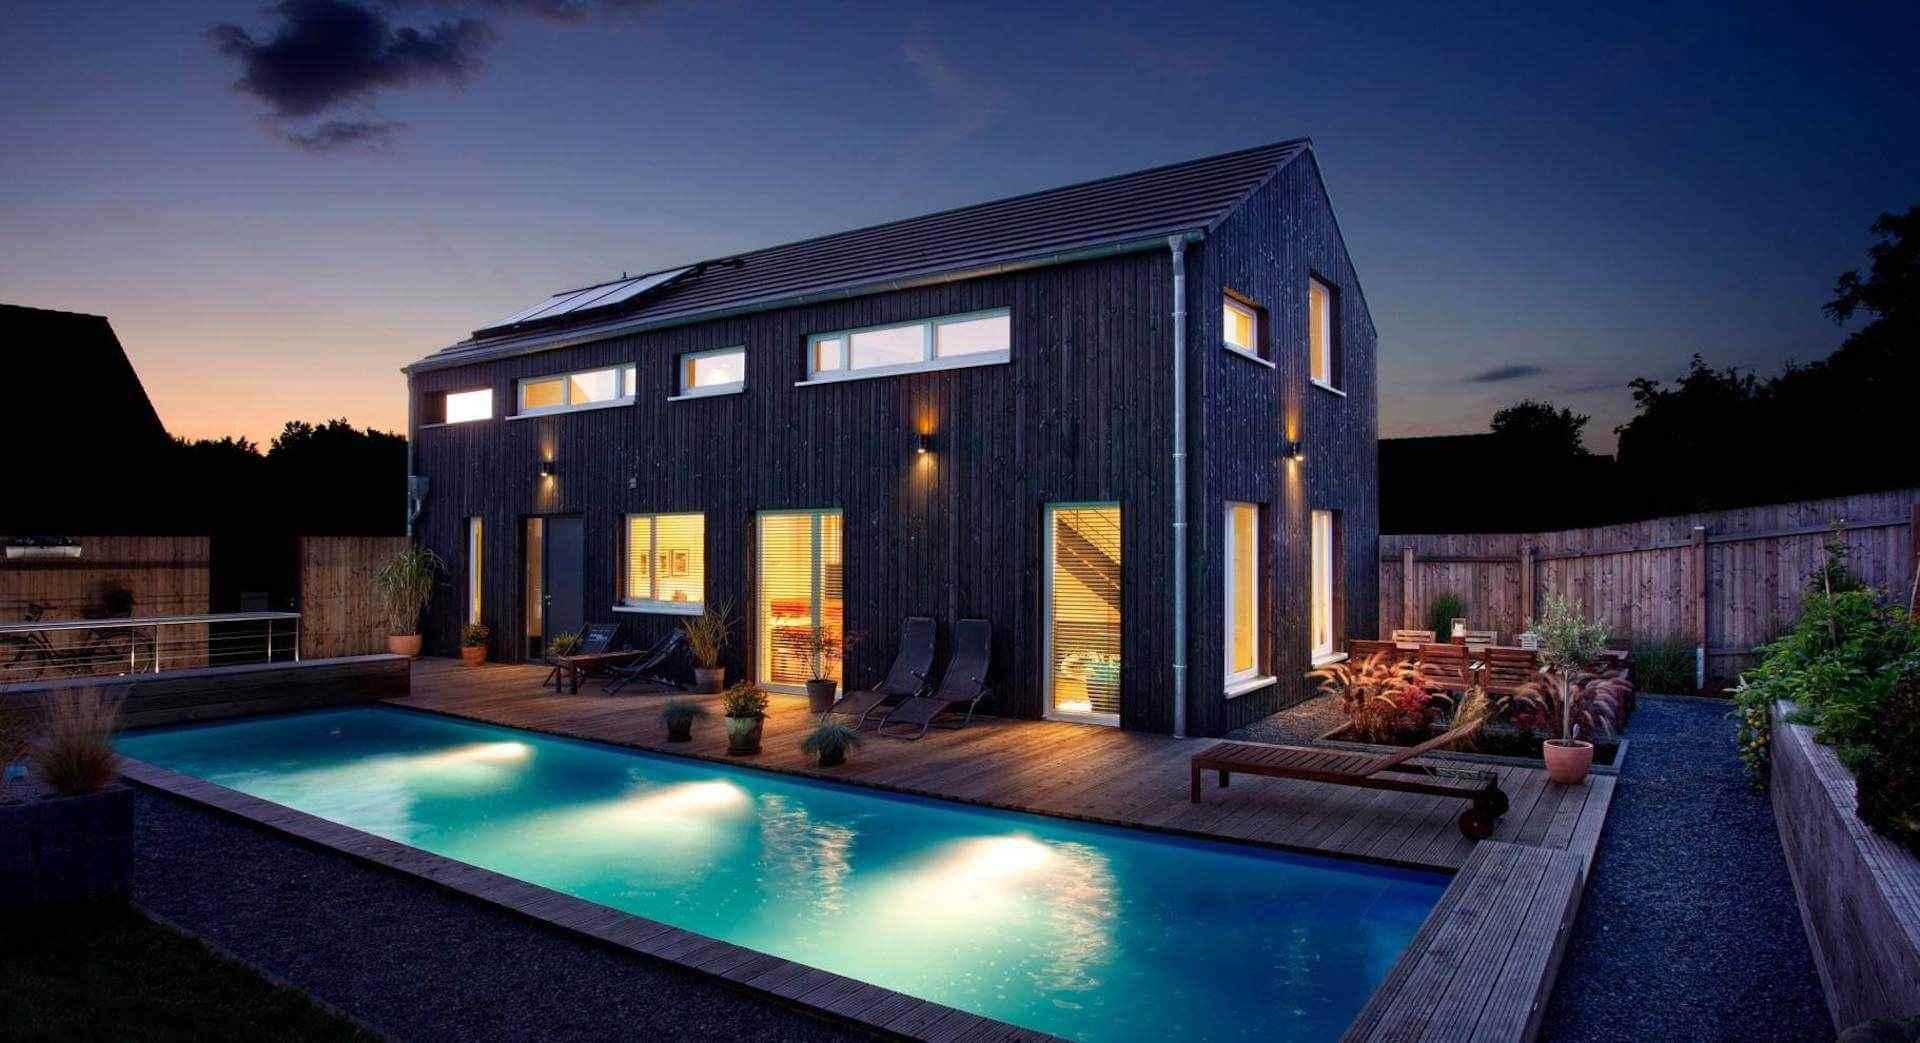 Beleuchtetes Holzhaus im Dunkeln mit Pool